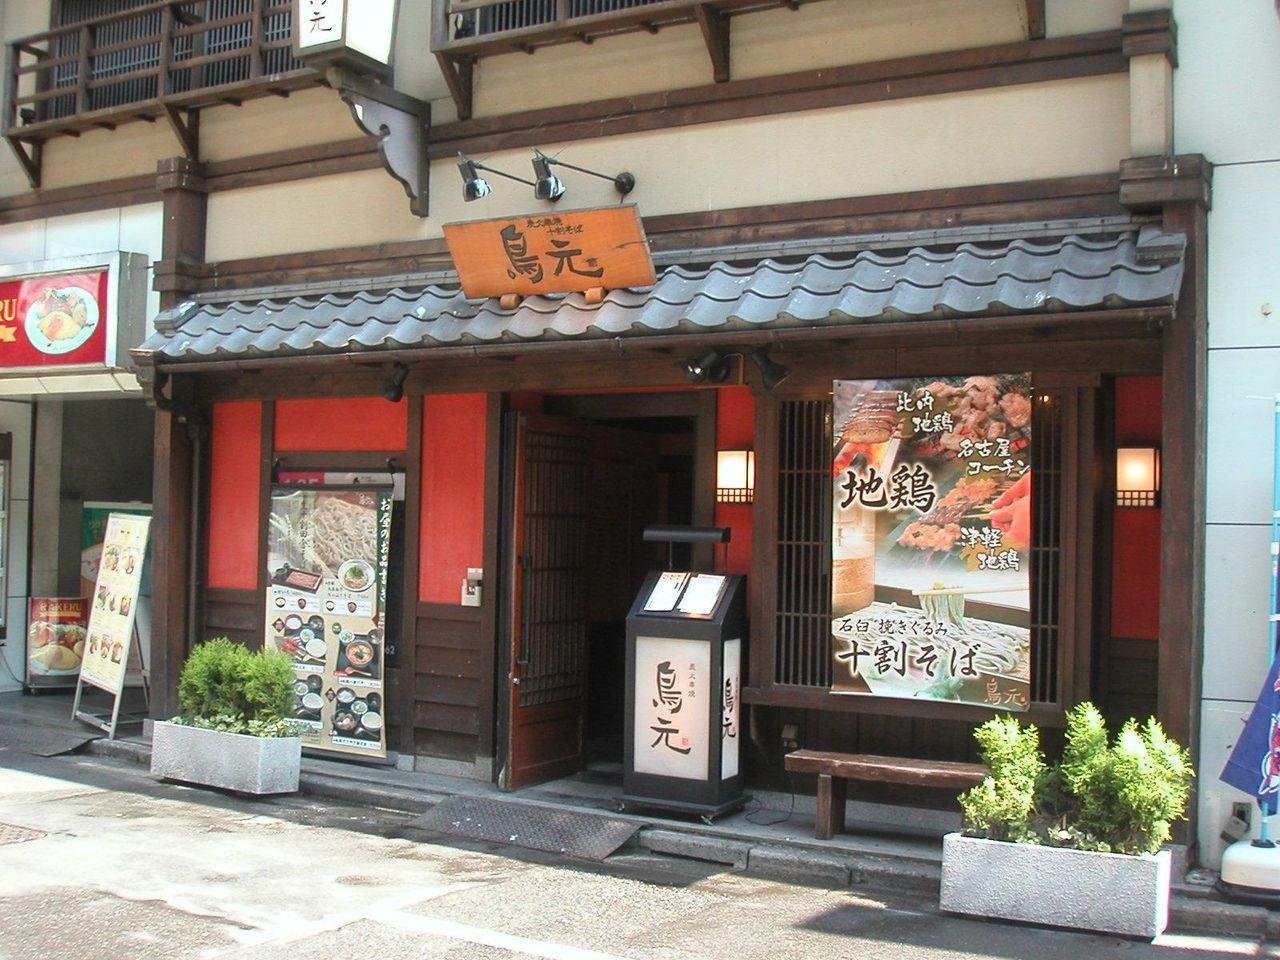 新宿西口の飲食街にあります。